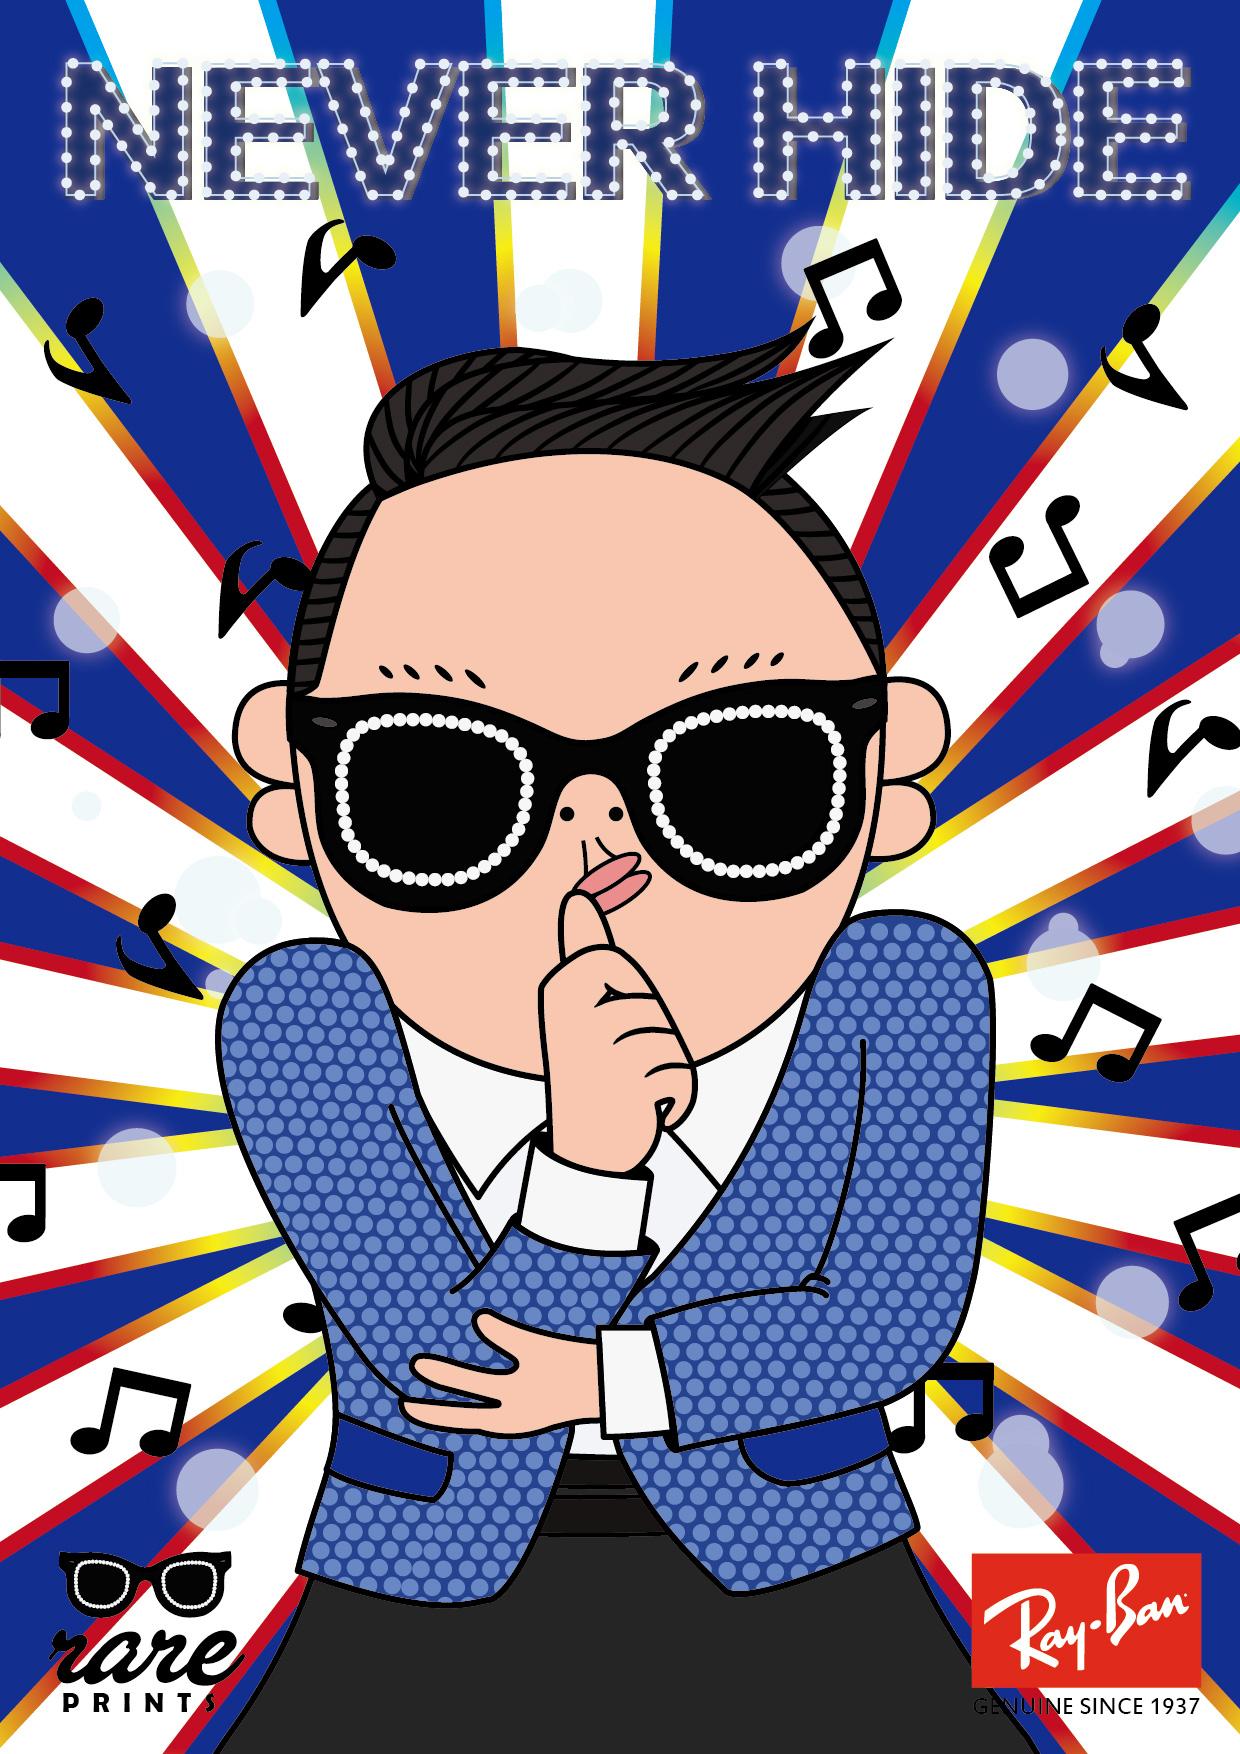 雷朋眼镜主题海报虚拟构想|插画|商业插画|陈小熊猫